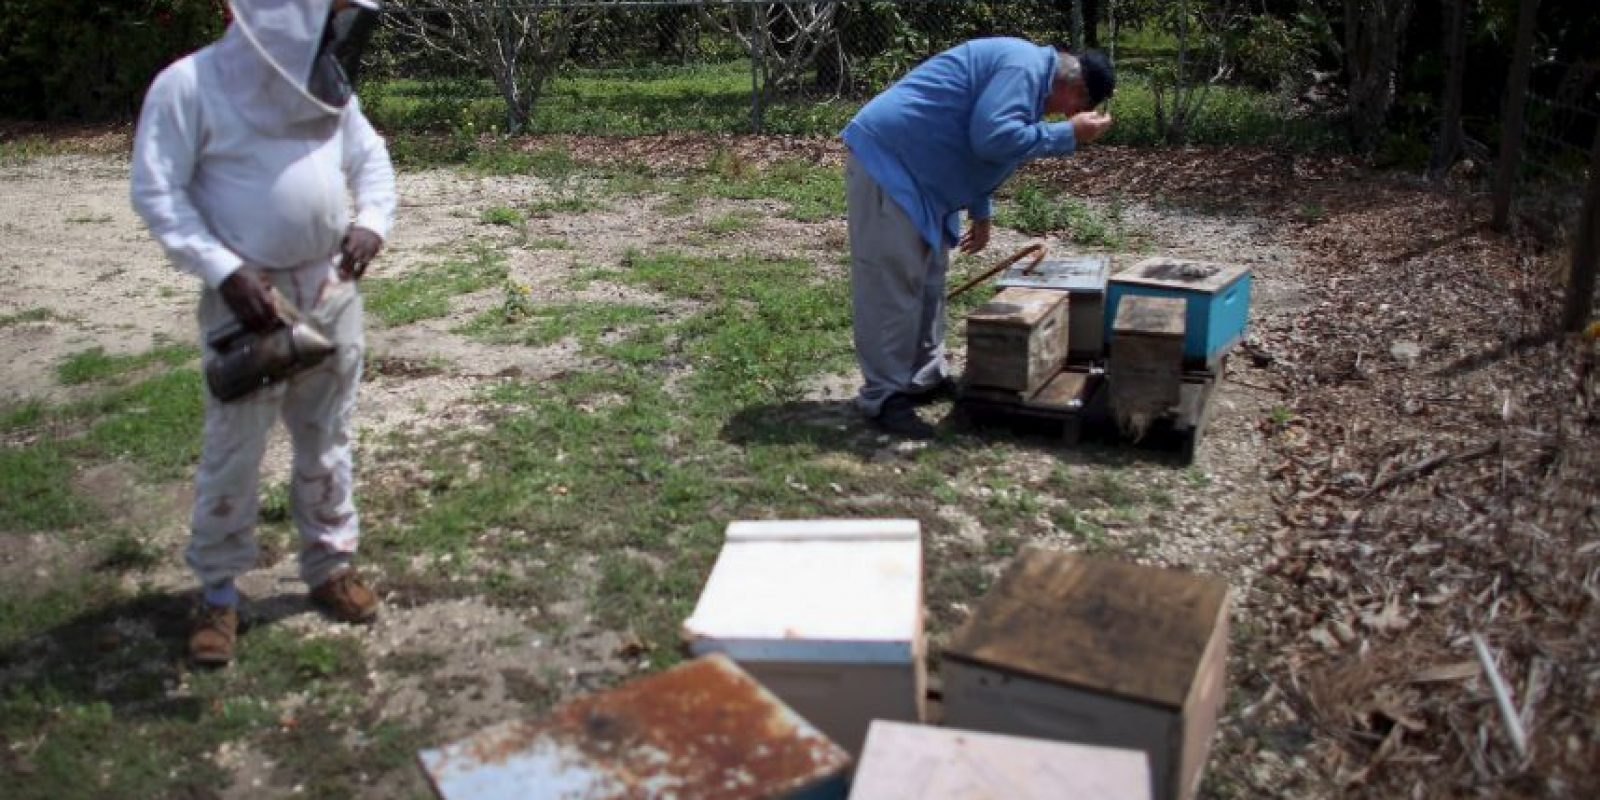 Esta va a nacer de un huevo que recibió cuidados reales, y como para asegurar la existencia de una abeja reina, hay varios huevos de este tipo. la abaje reina al nacer deberá matar la larva de las demás ya ex posibles abejas reales, es decir de sus competidoras. Foto:Getty Images